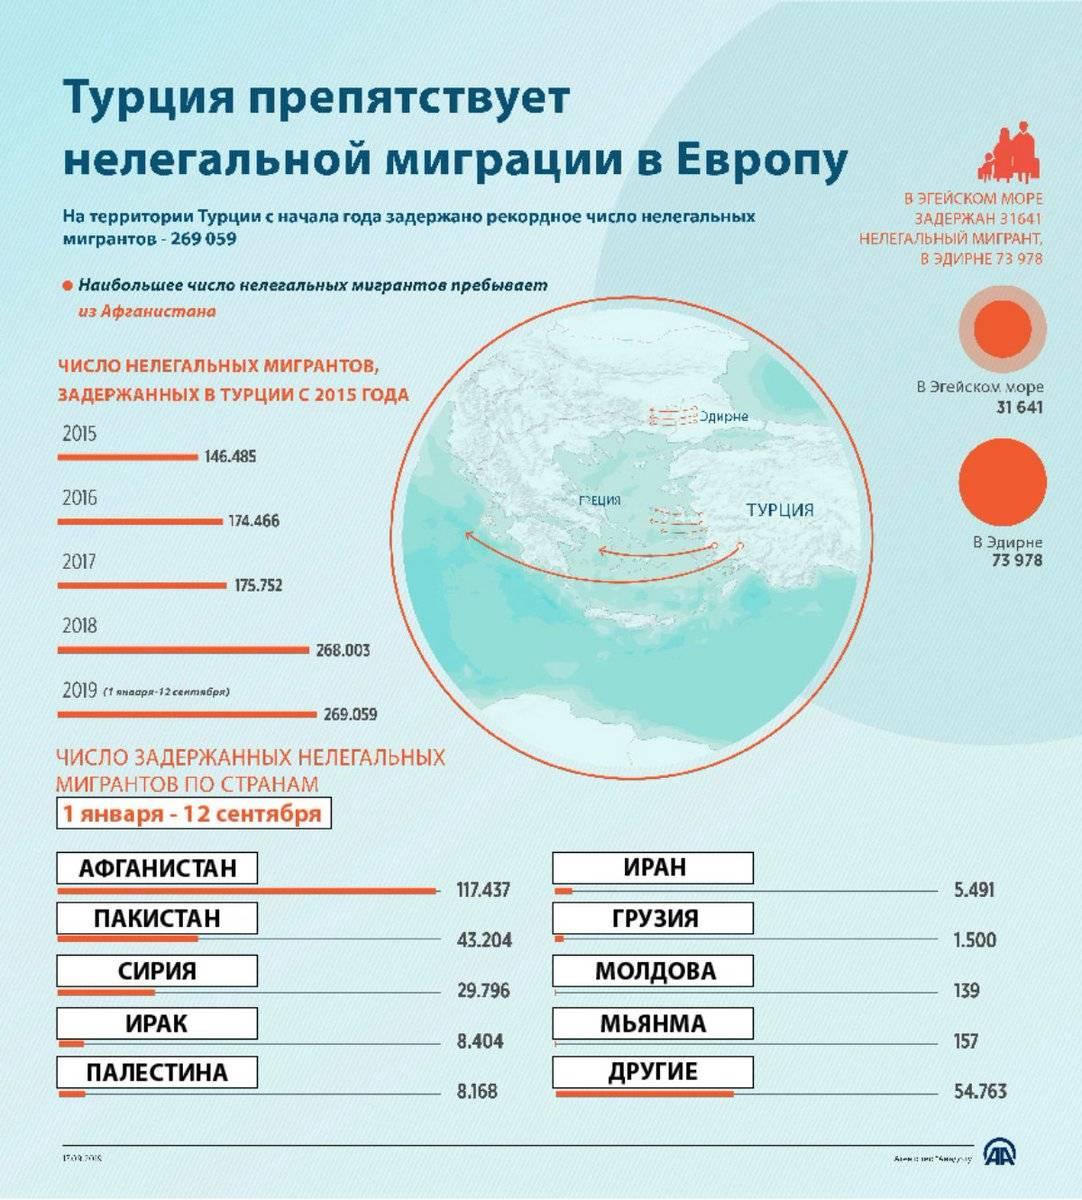 Как получить внж в турции в 2021 году для россиян